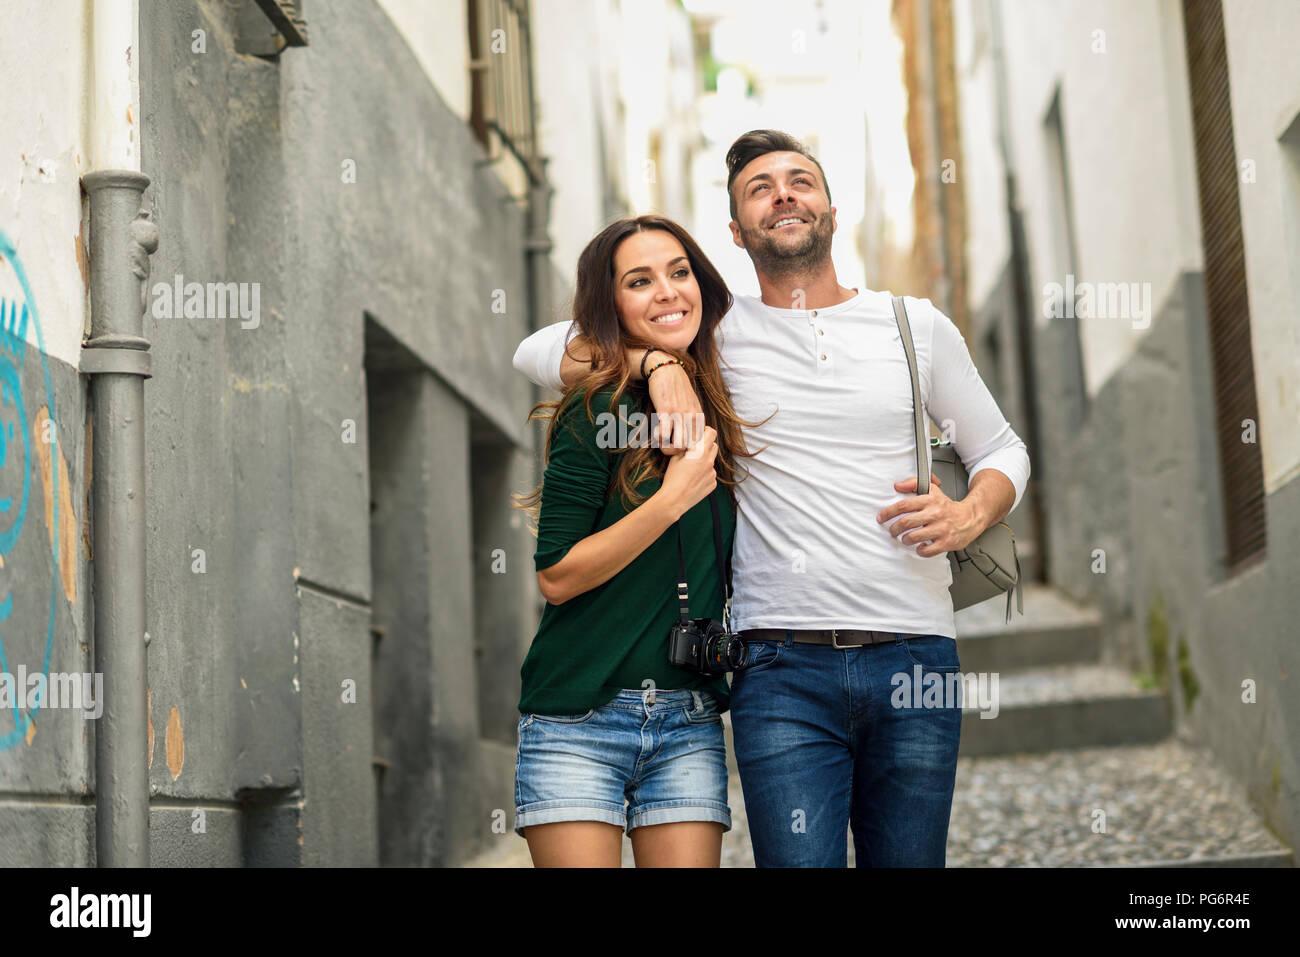 Happy Tourist paar zu Fuß in die Stadt Stockbild